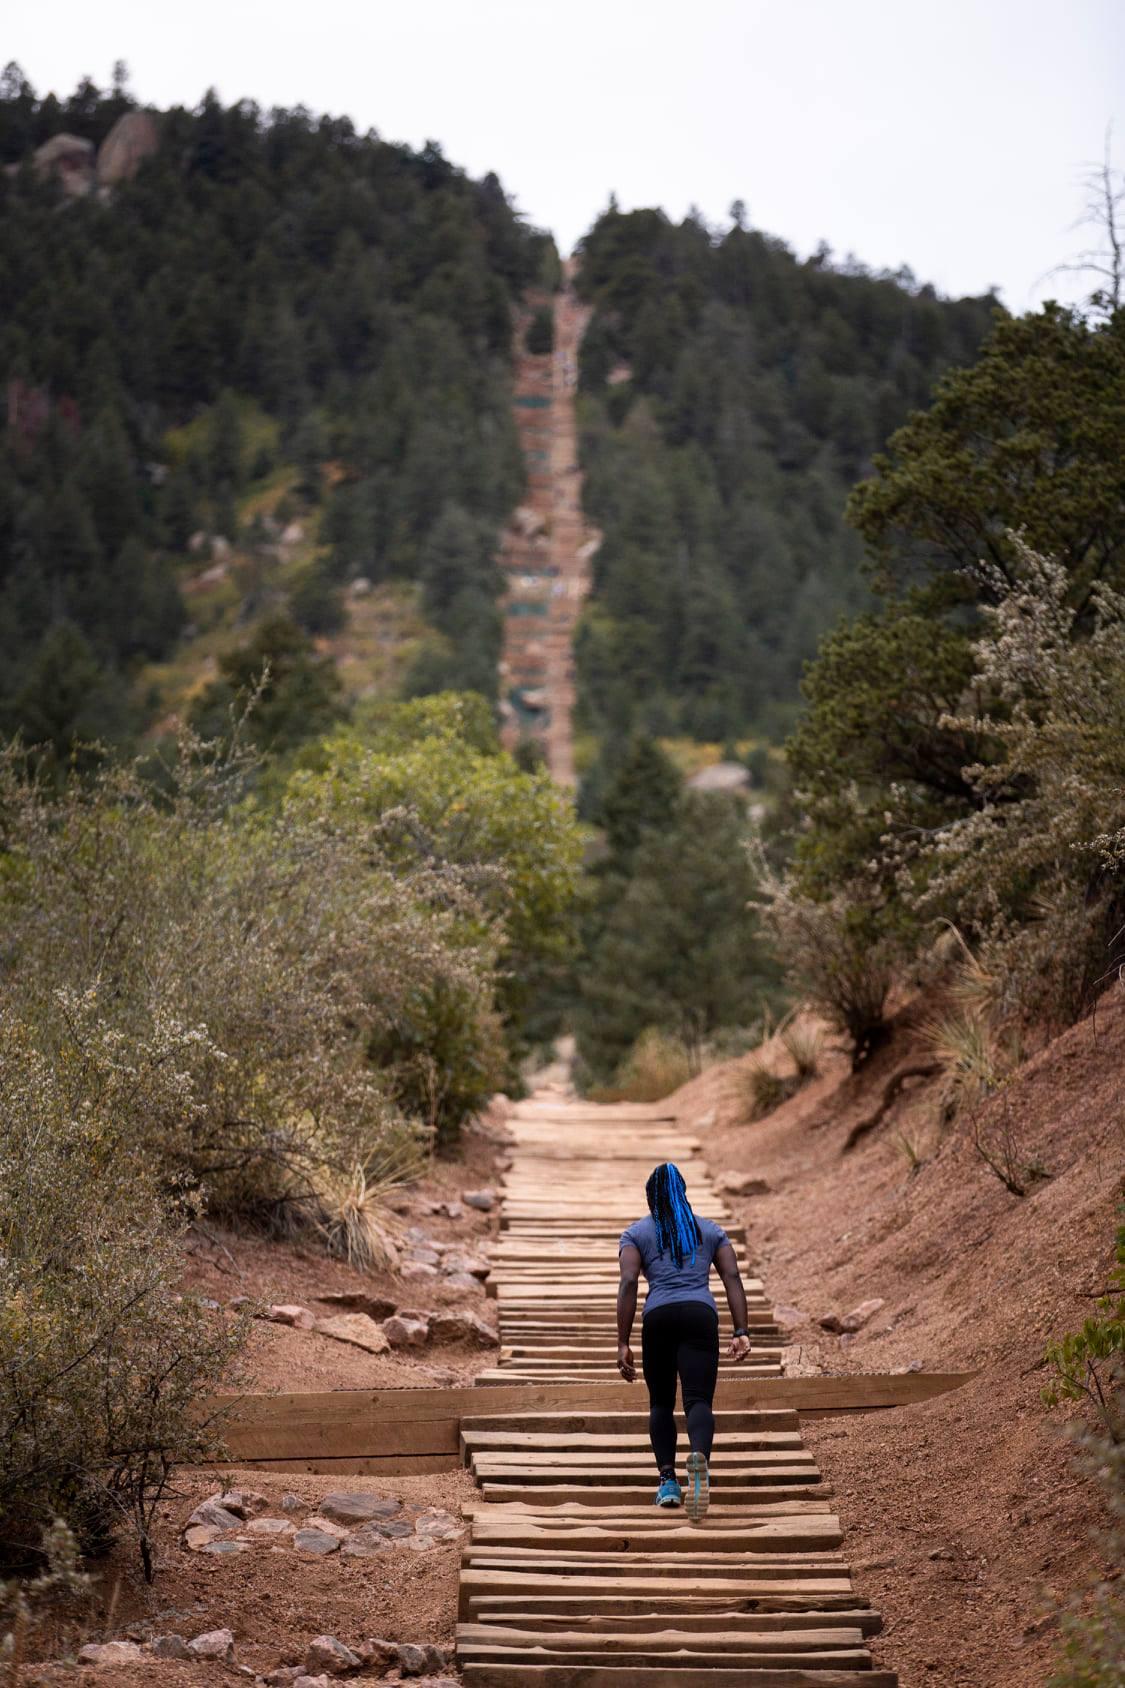 gambar dari manitou springs incline